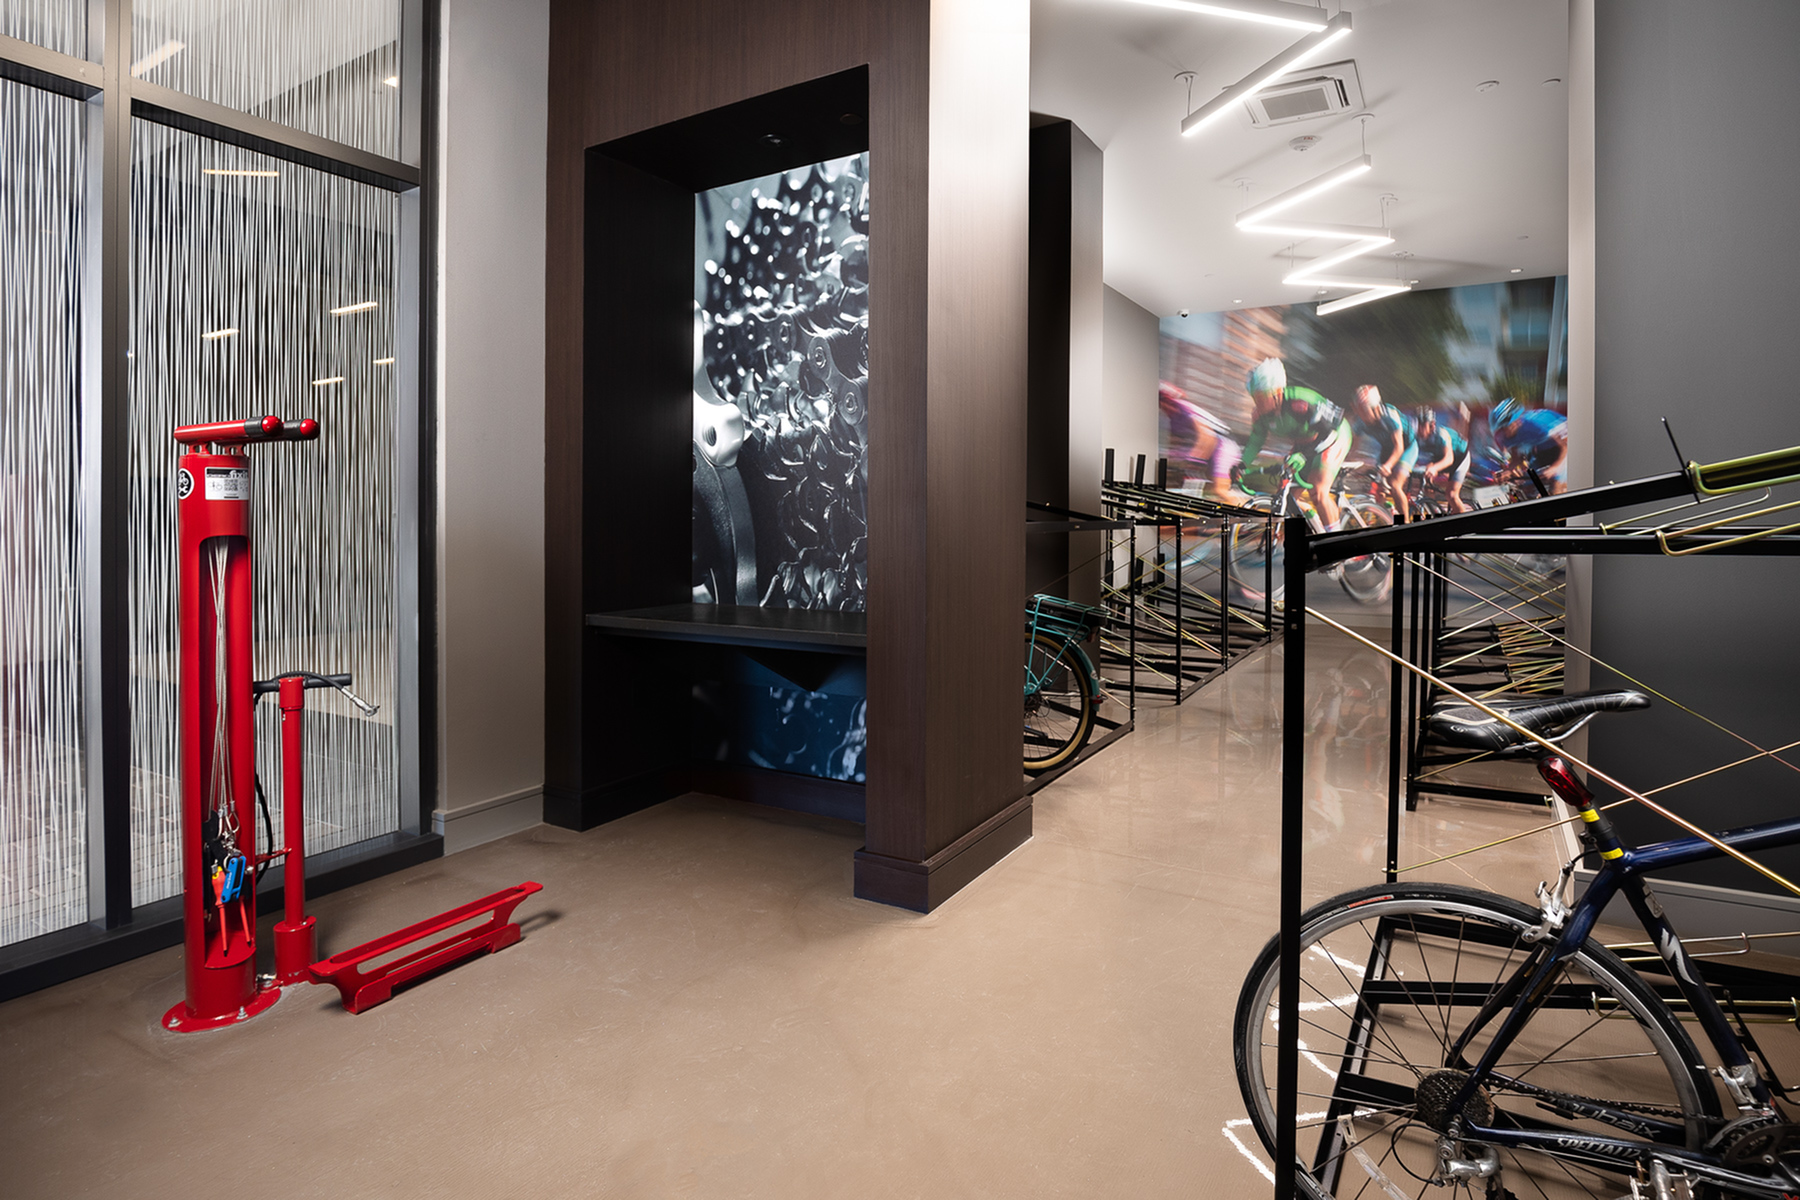 Bike storage room with fix-it station